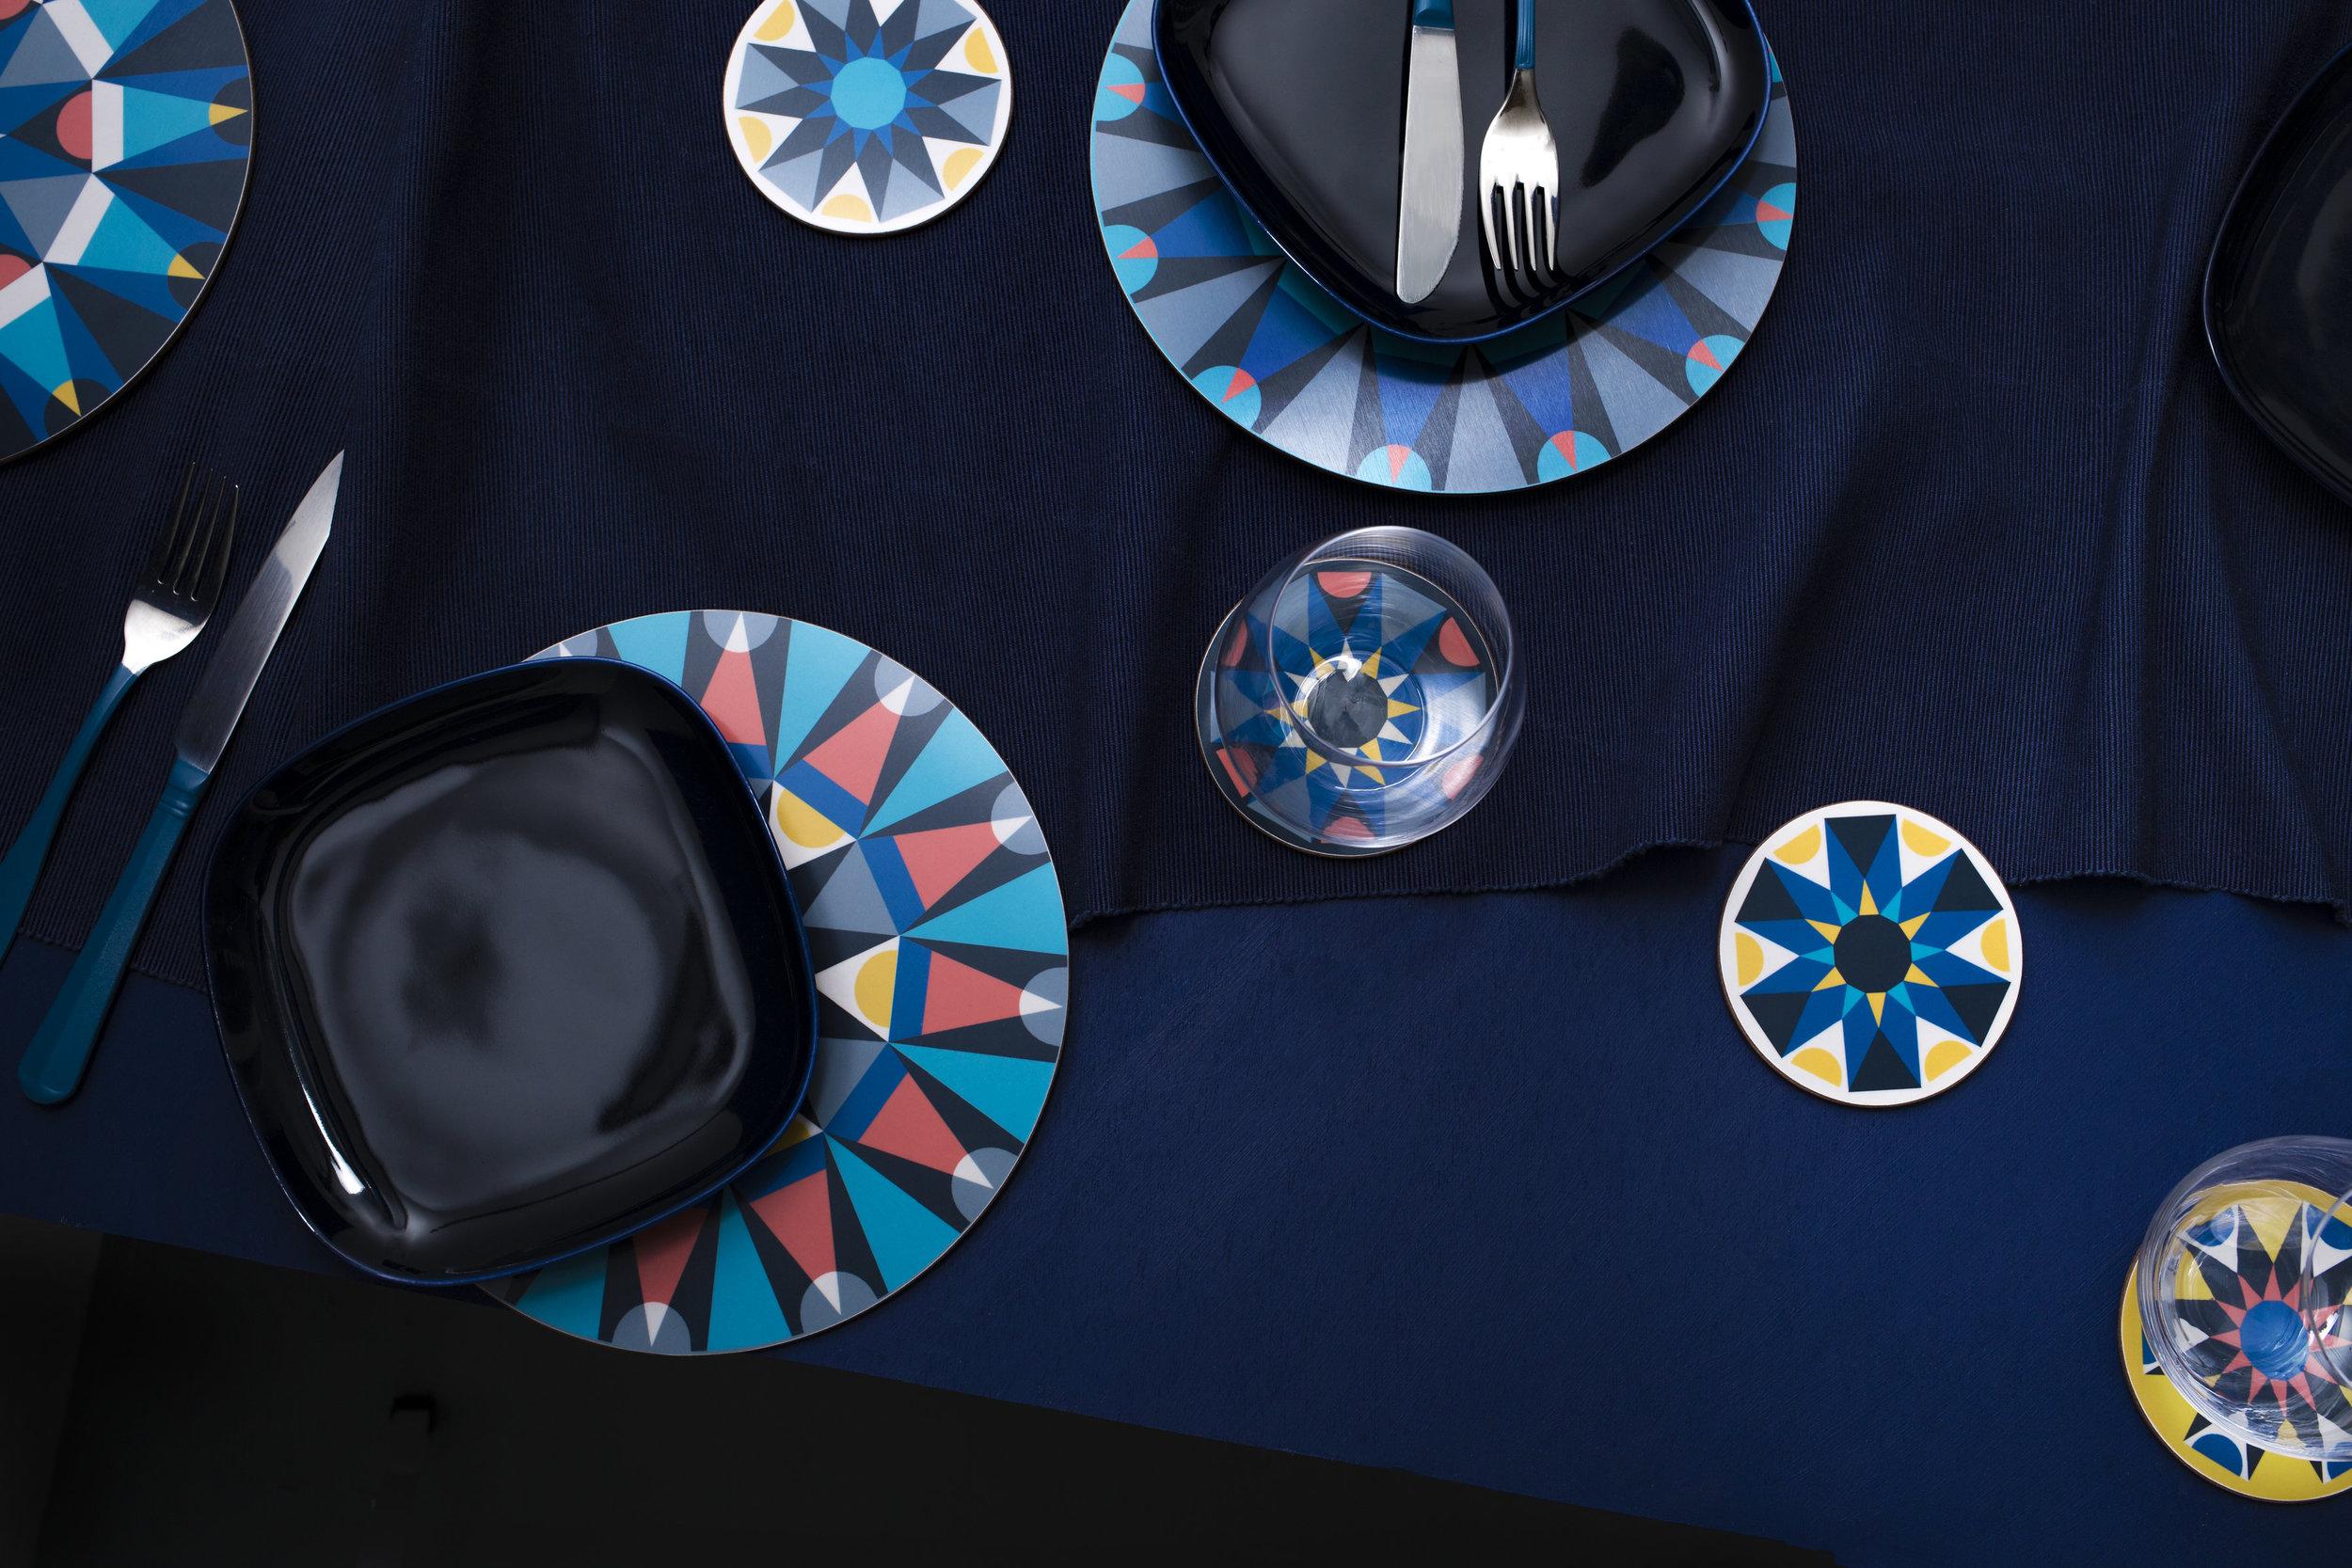 FMG_Galaxy tablemats & coasters.JPG